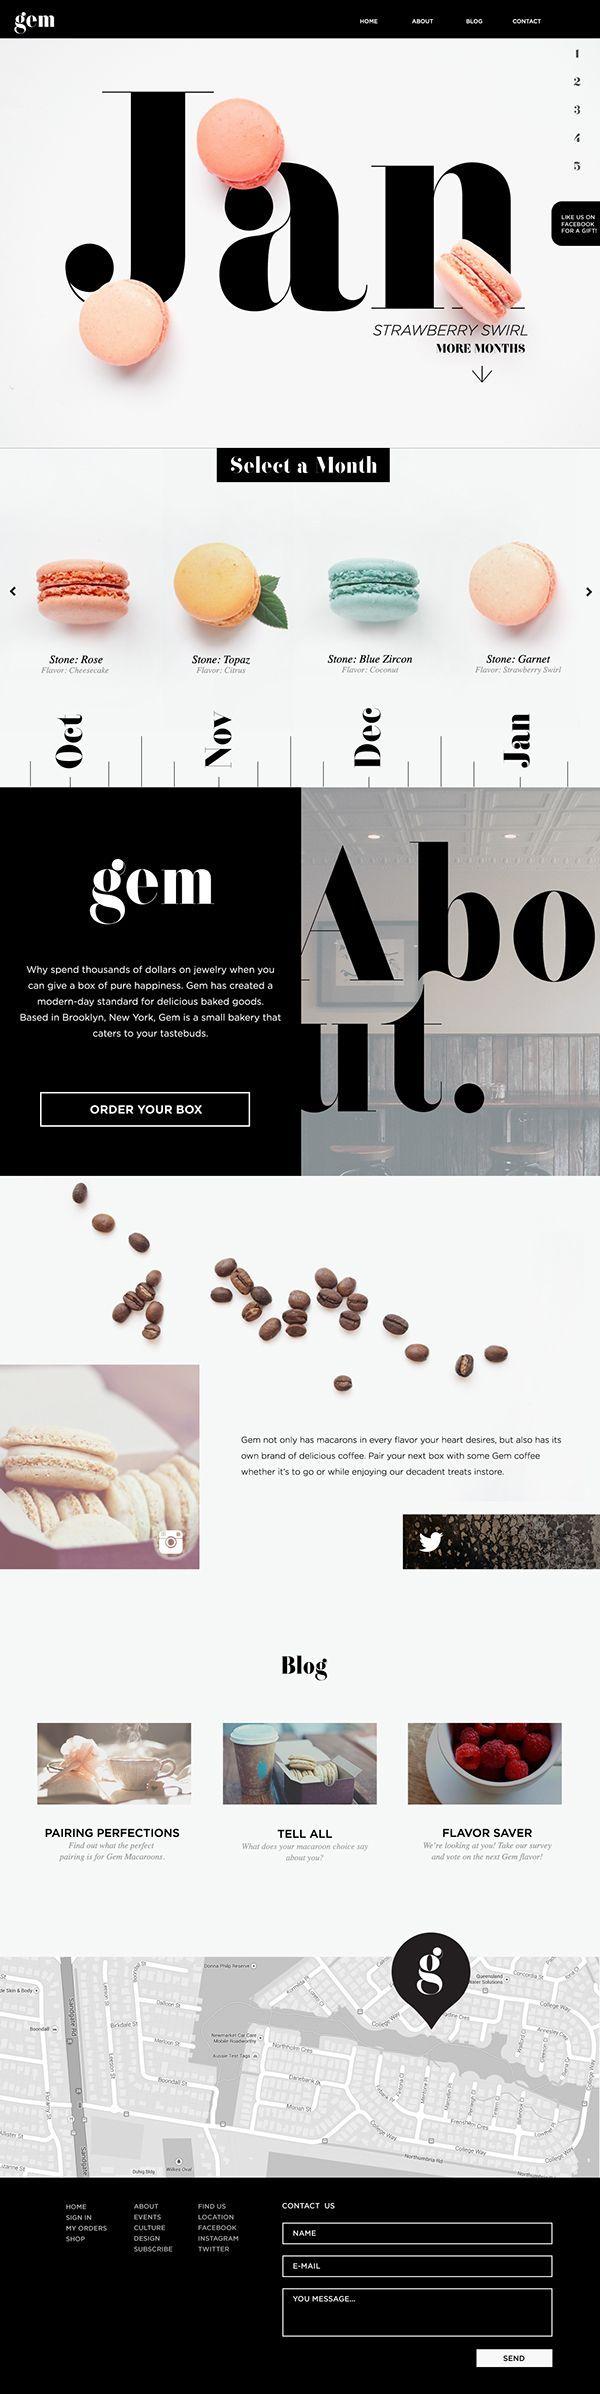 Gem Bakery on Branding Served